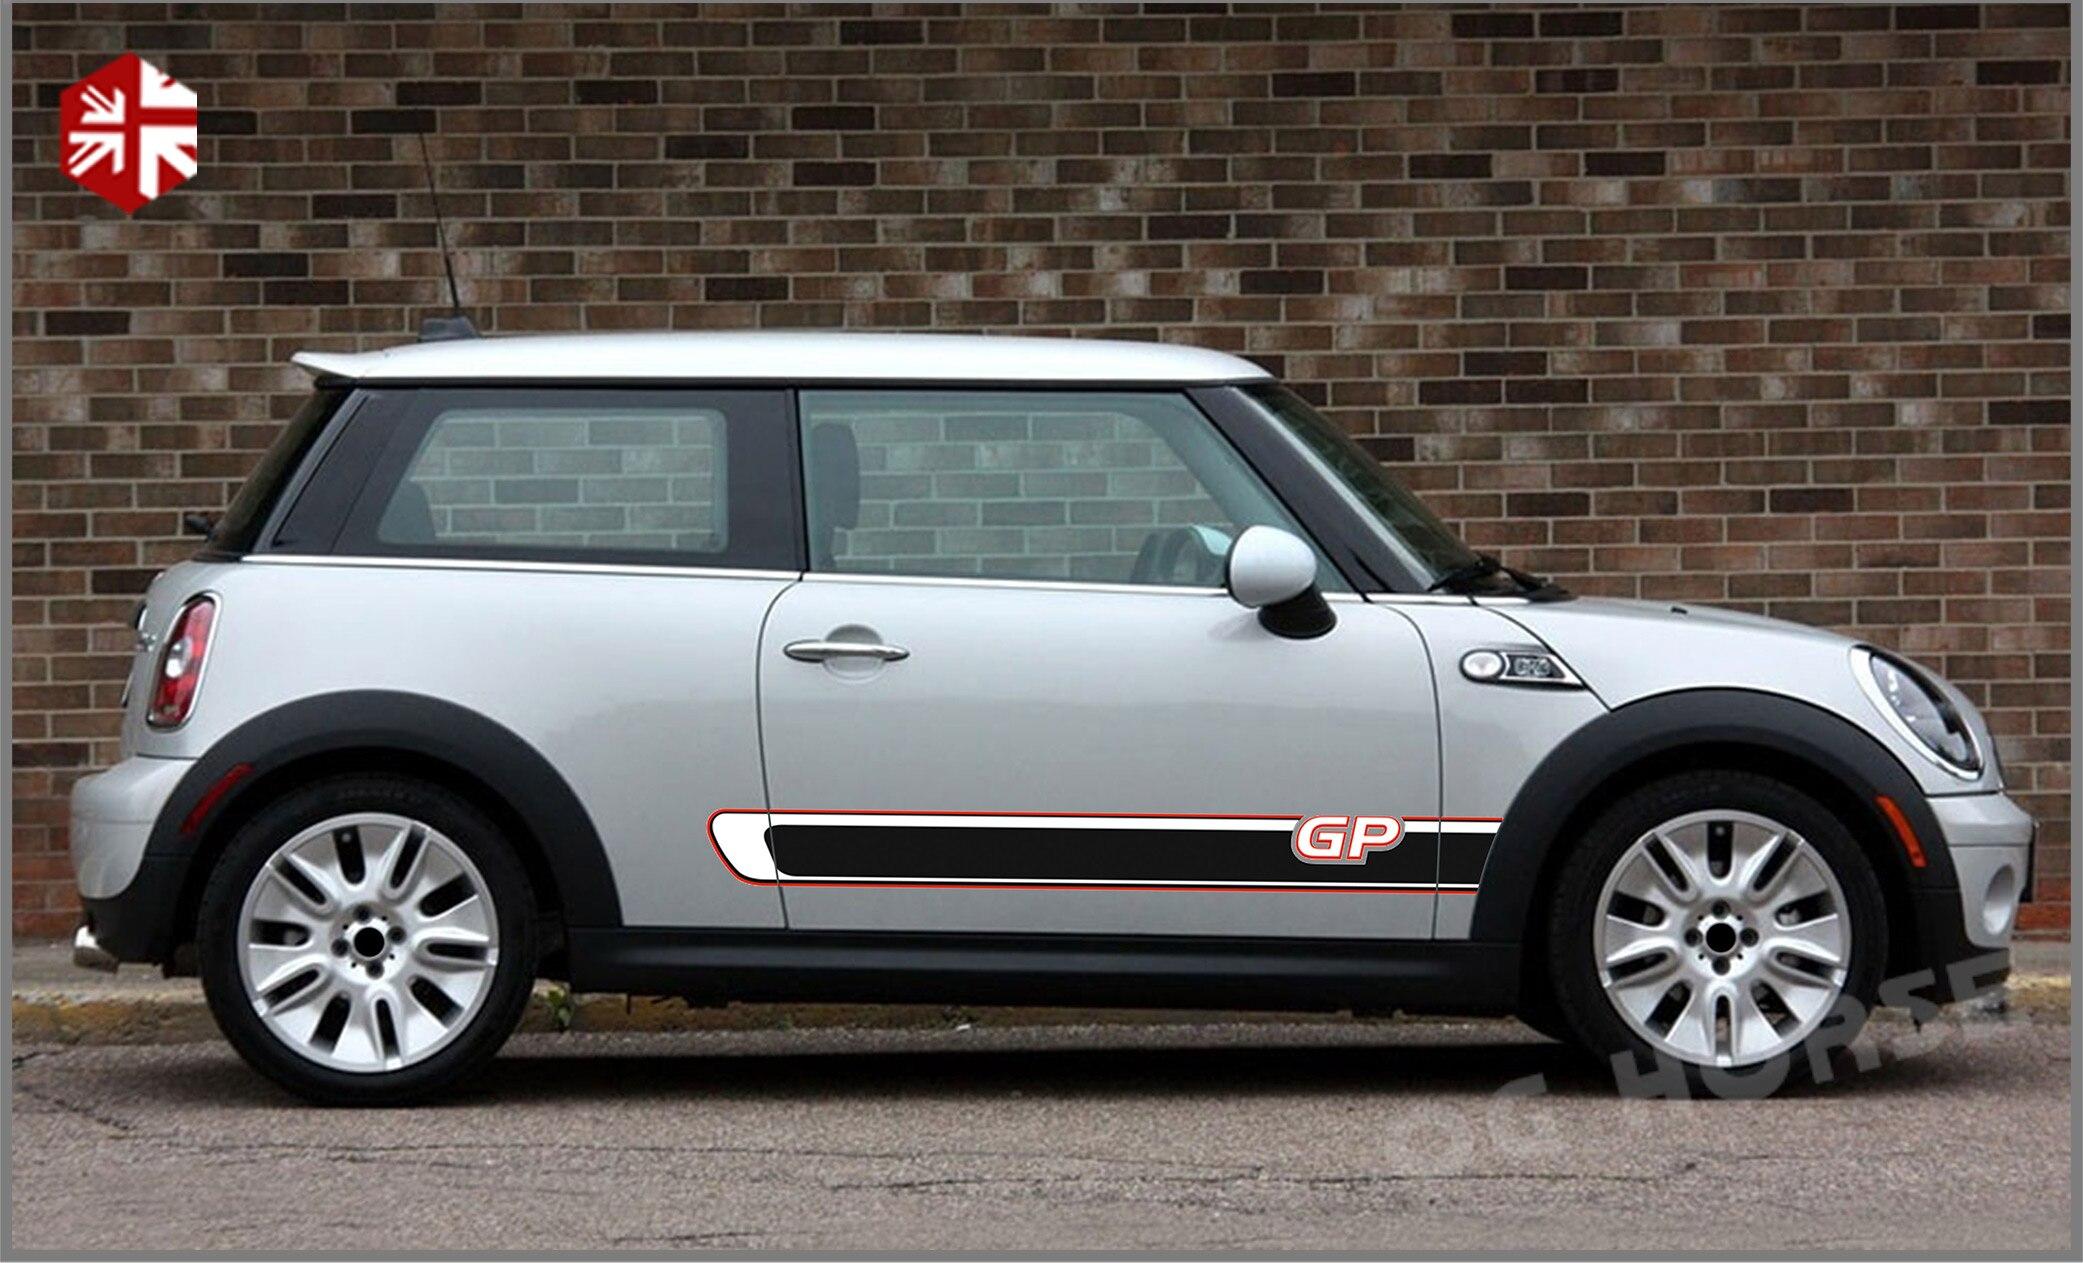 2 шт. наклейки на дверь автомобиля боковые полосы мини GP Стайлинг Наклейка на тело для MINI Cooper S R56 JCW One внешние аксессуары